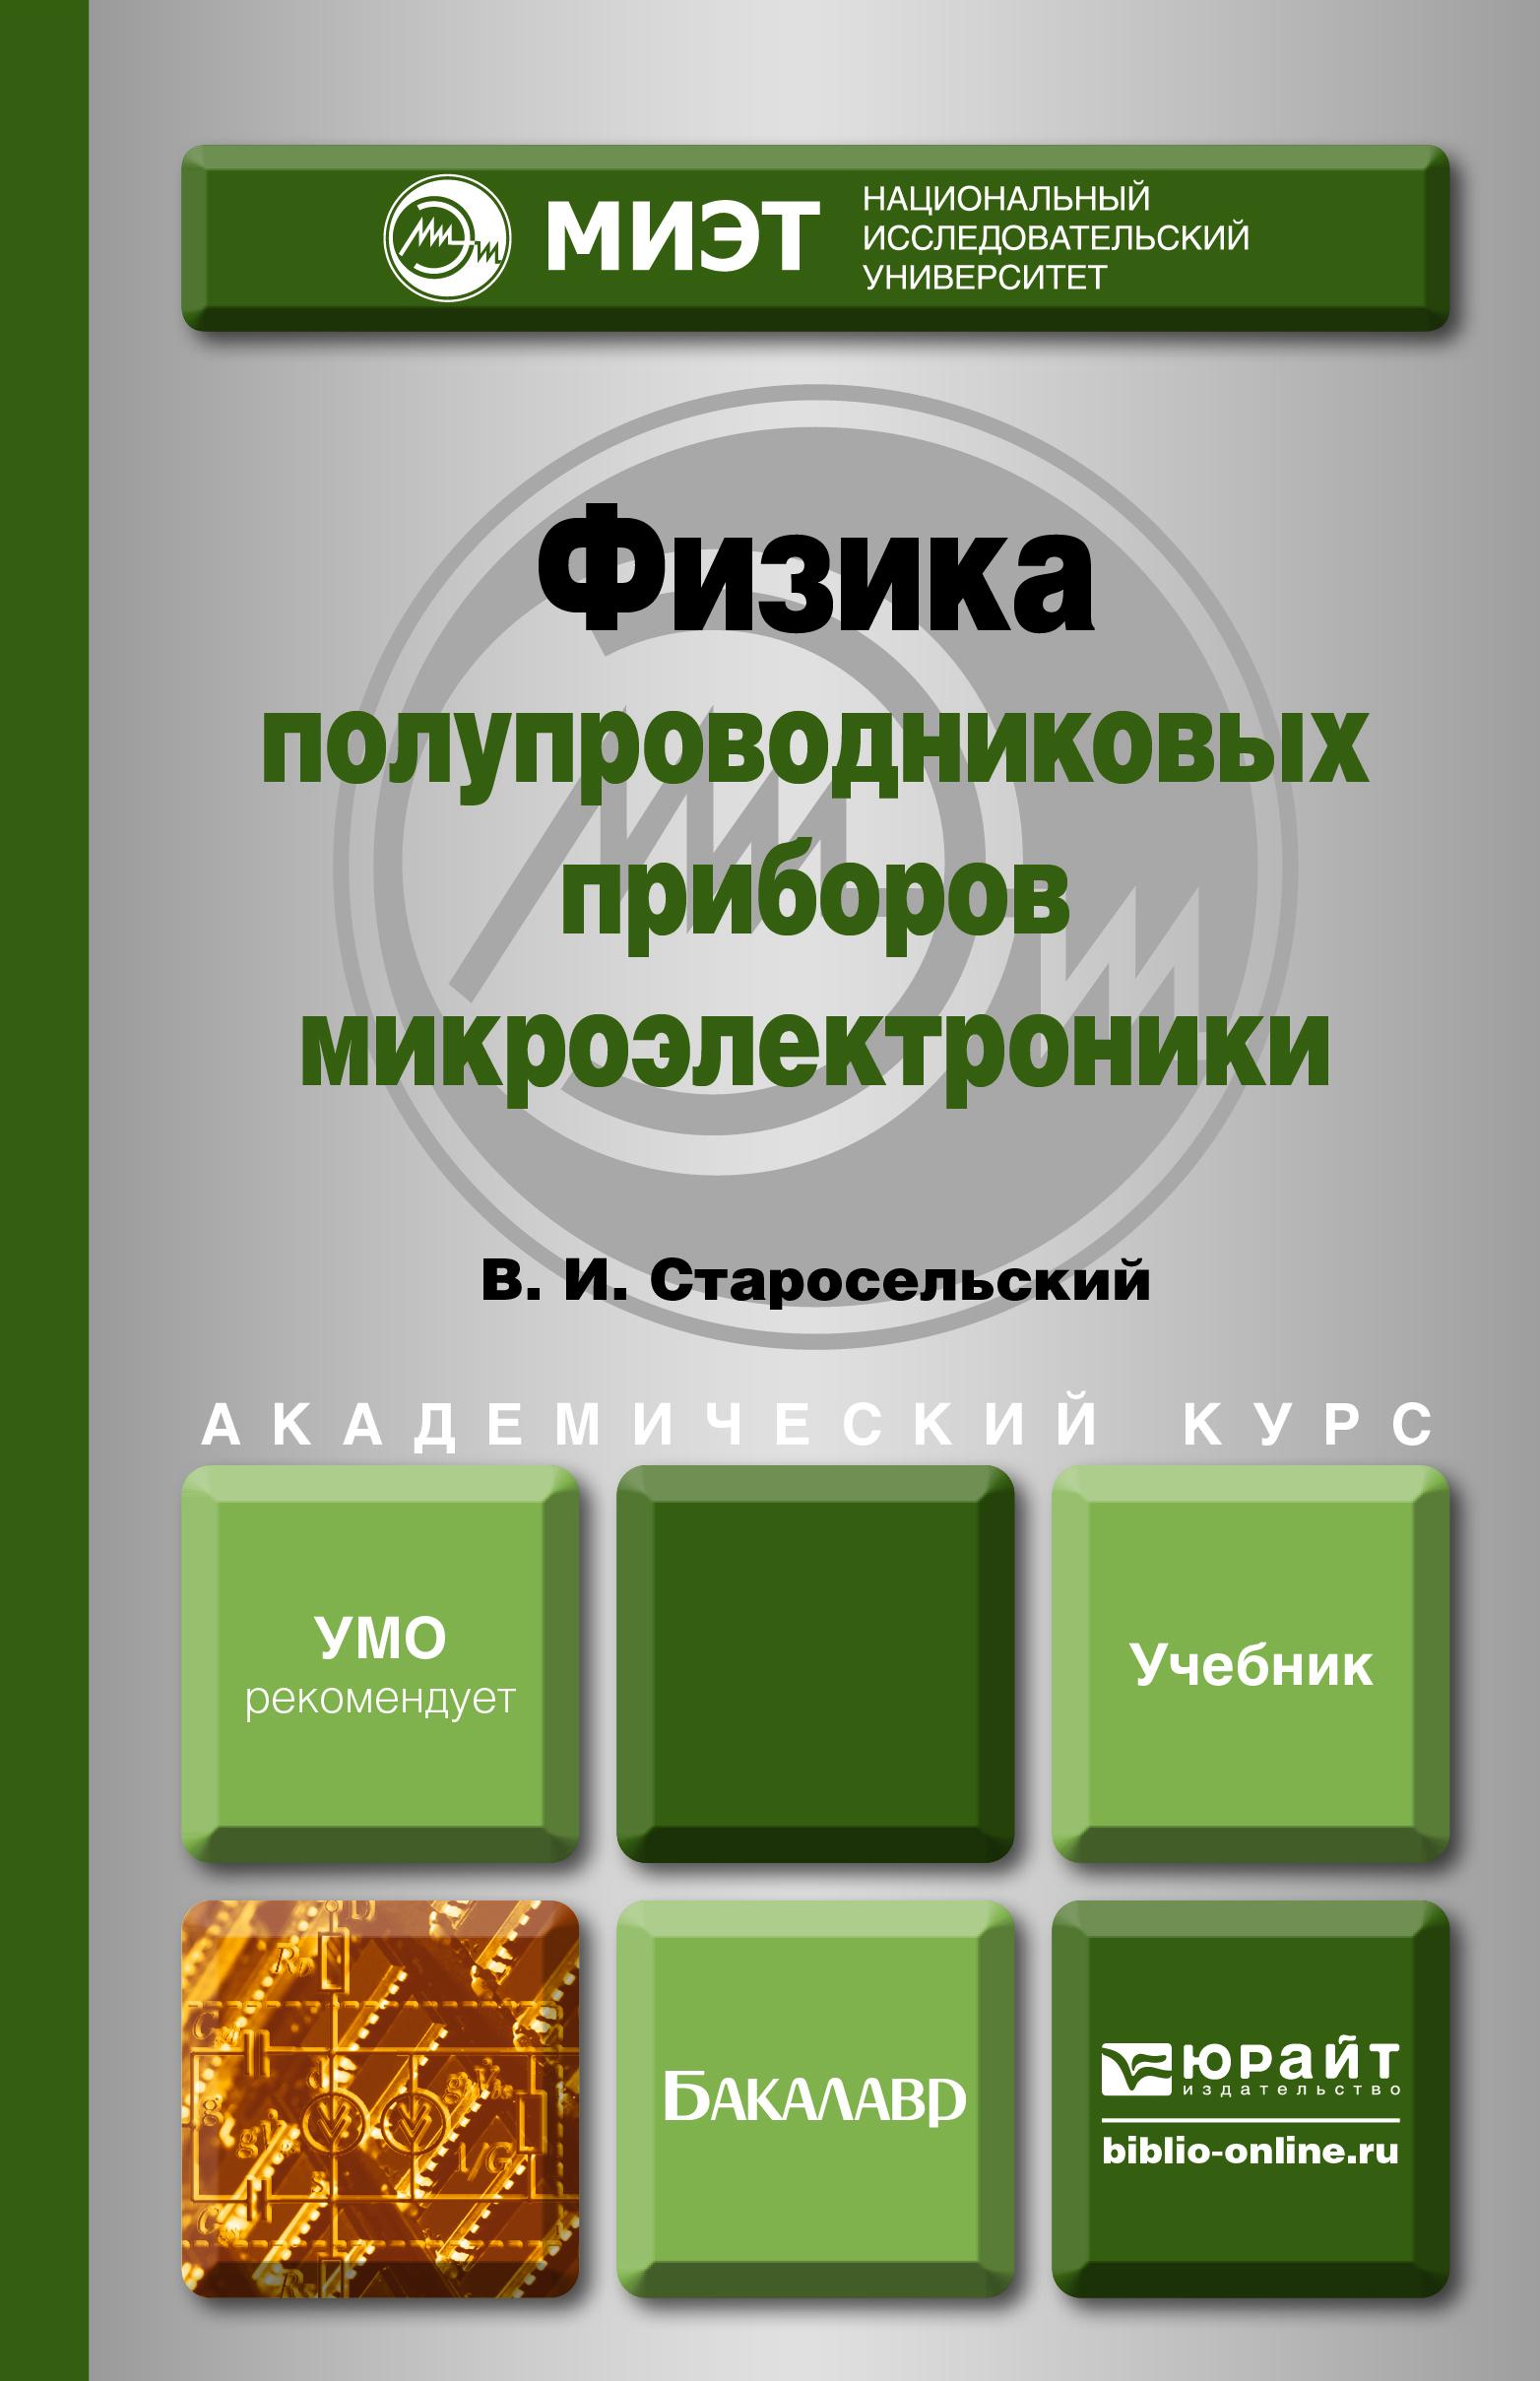 Физика полупроводниковых приборов микроэлектроники. Учебное пособие. В. И. Старосельский